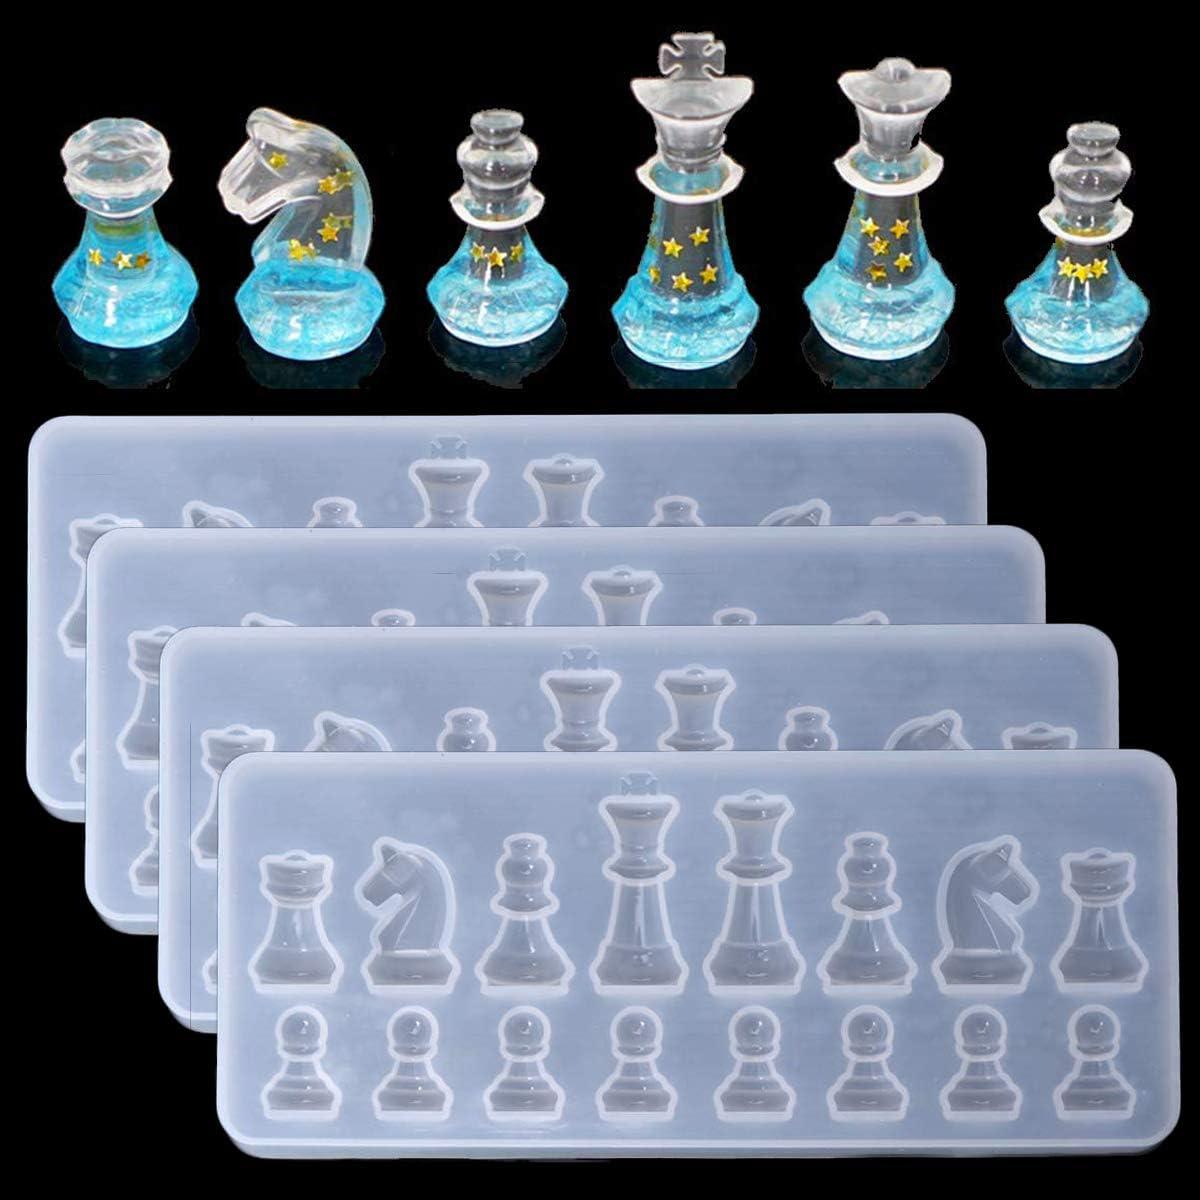 moldes de resina de ajedrez internacional pack 4 unidades